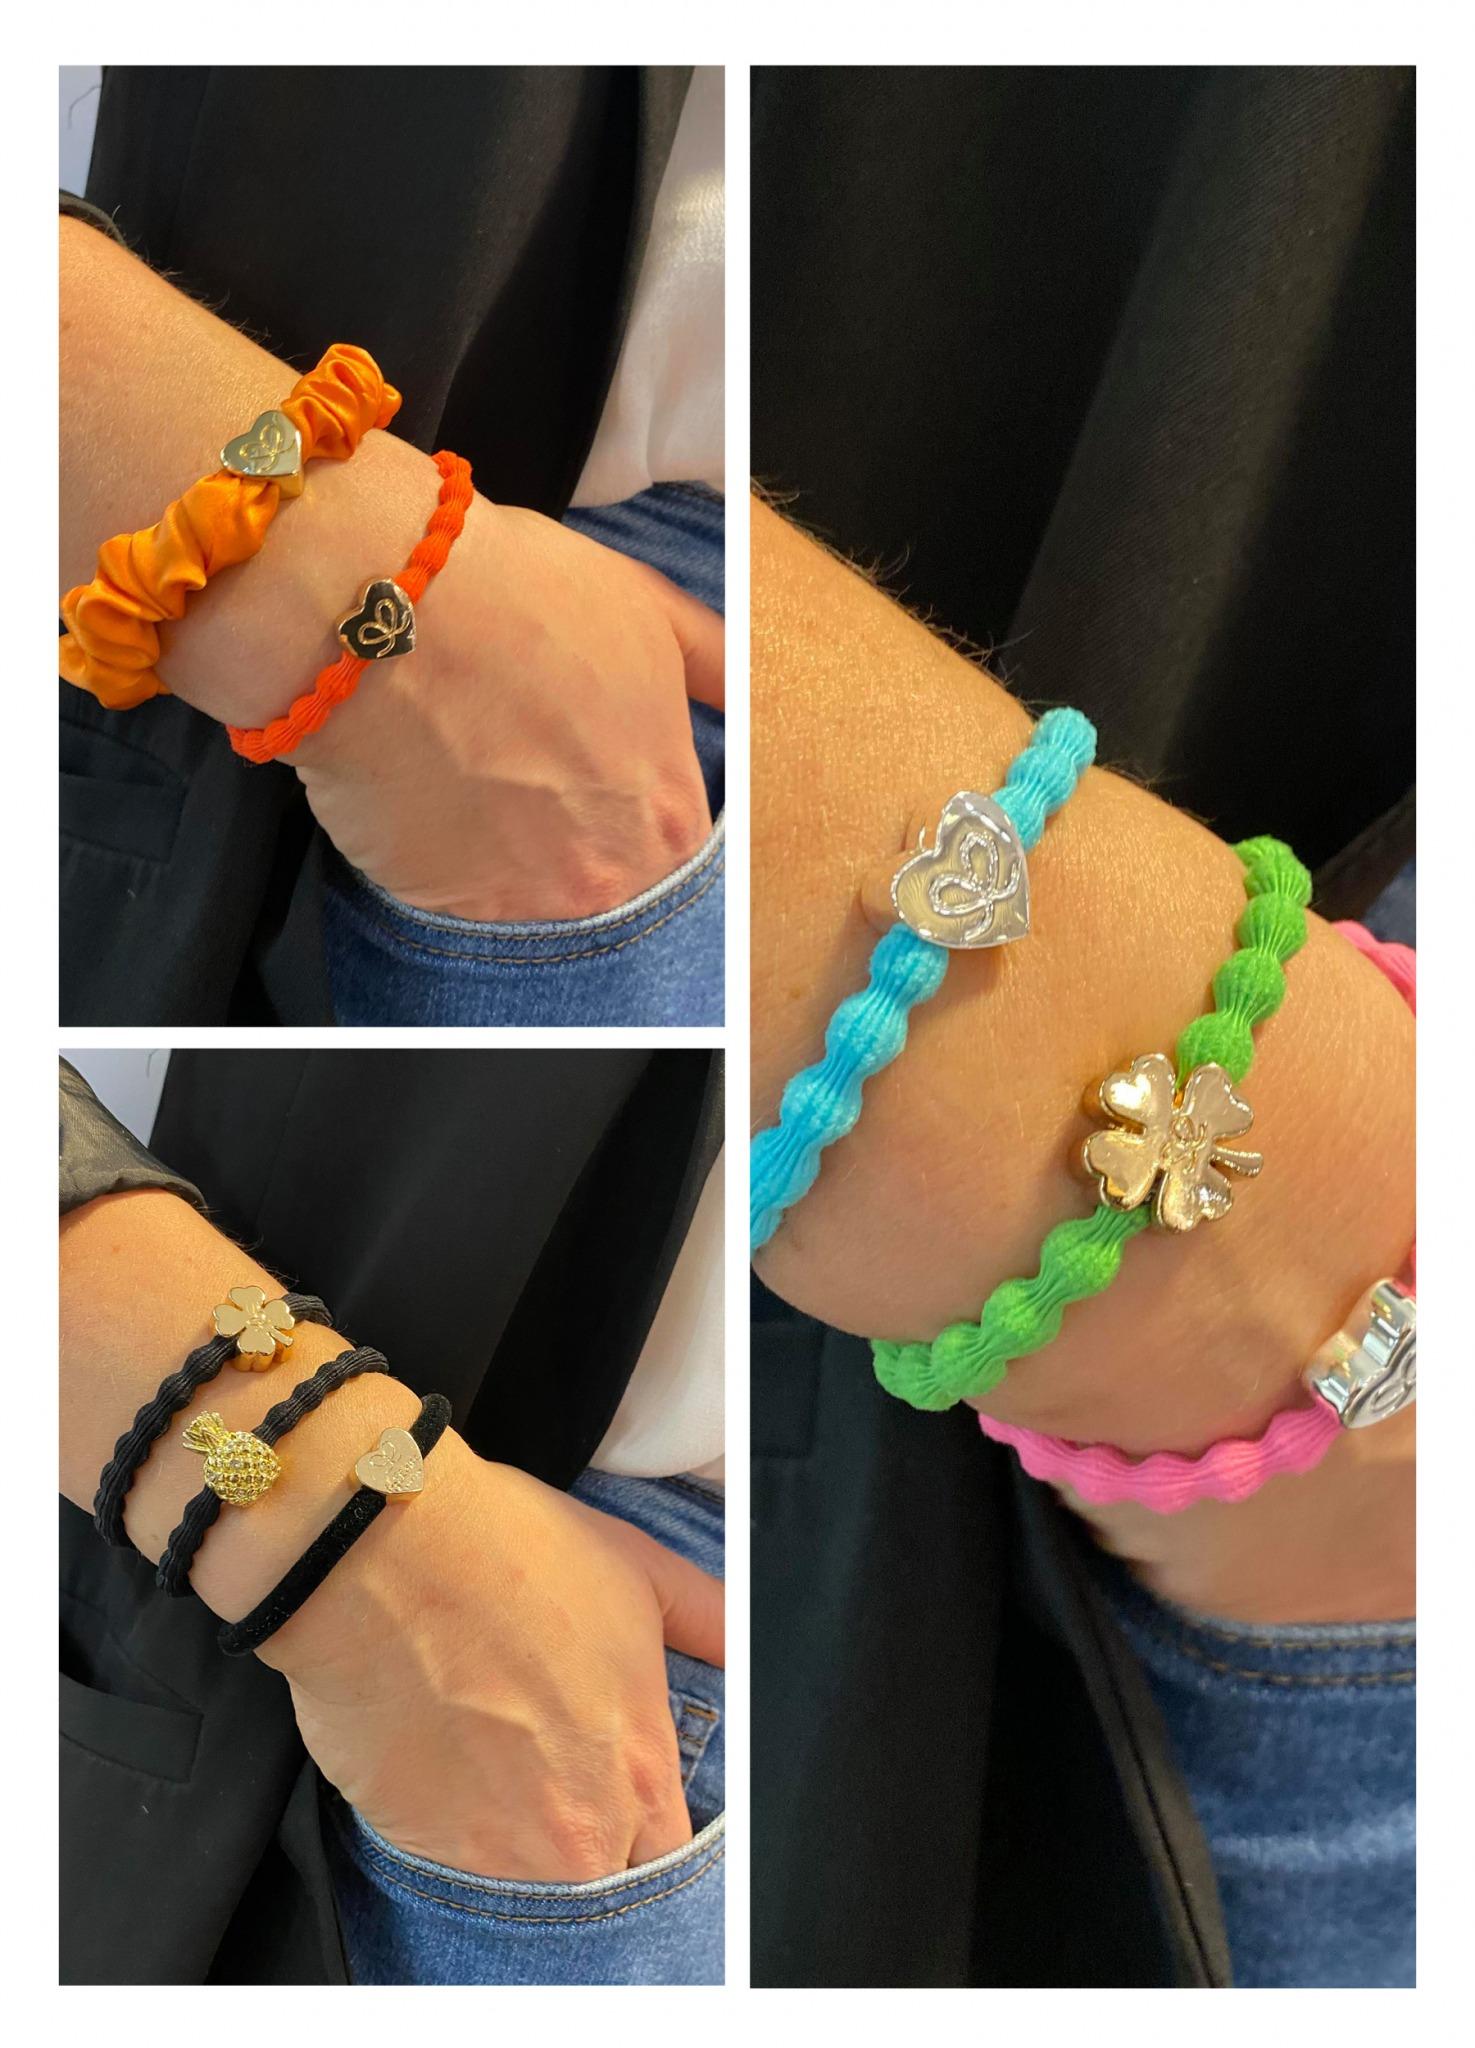 tre bilder av håndledd pyntet med hårstrikker i ulike farger